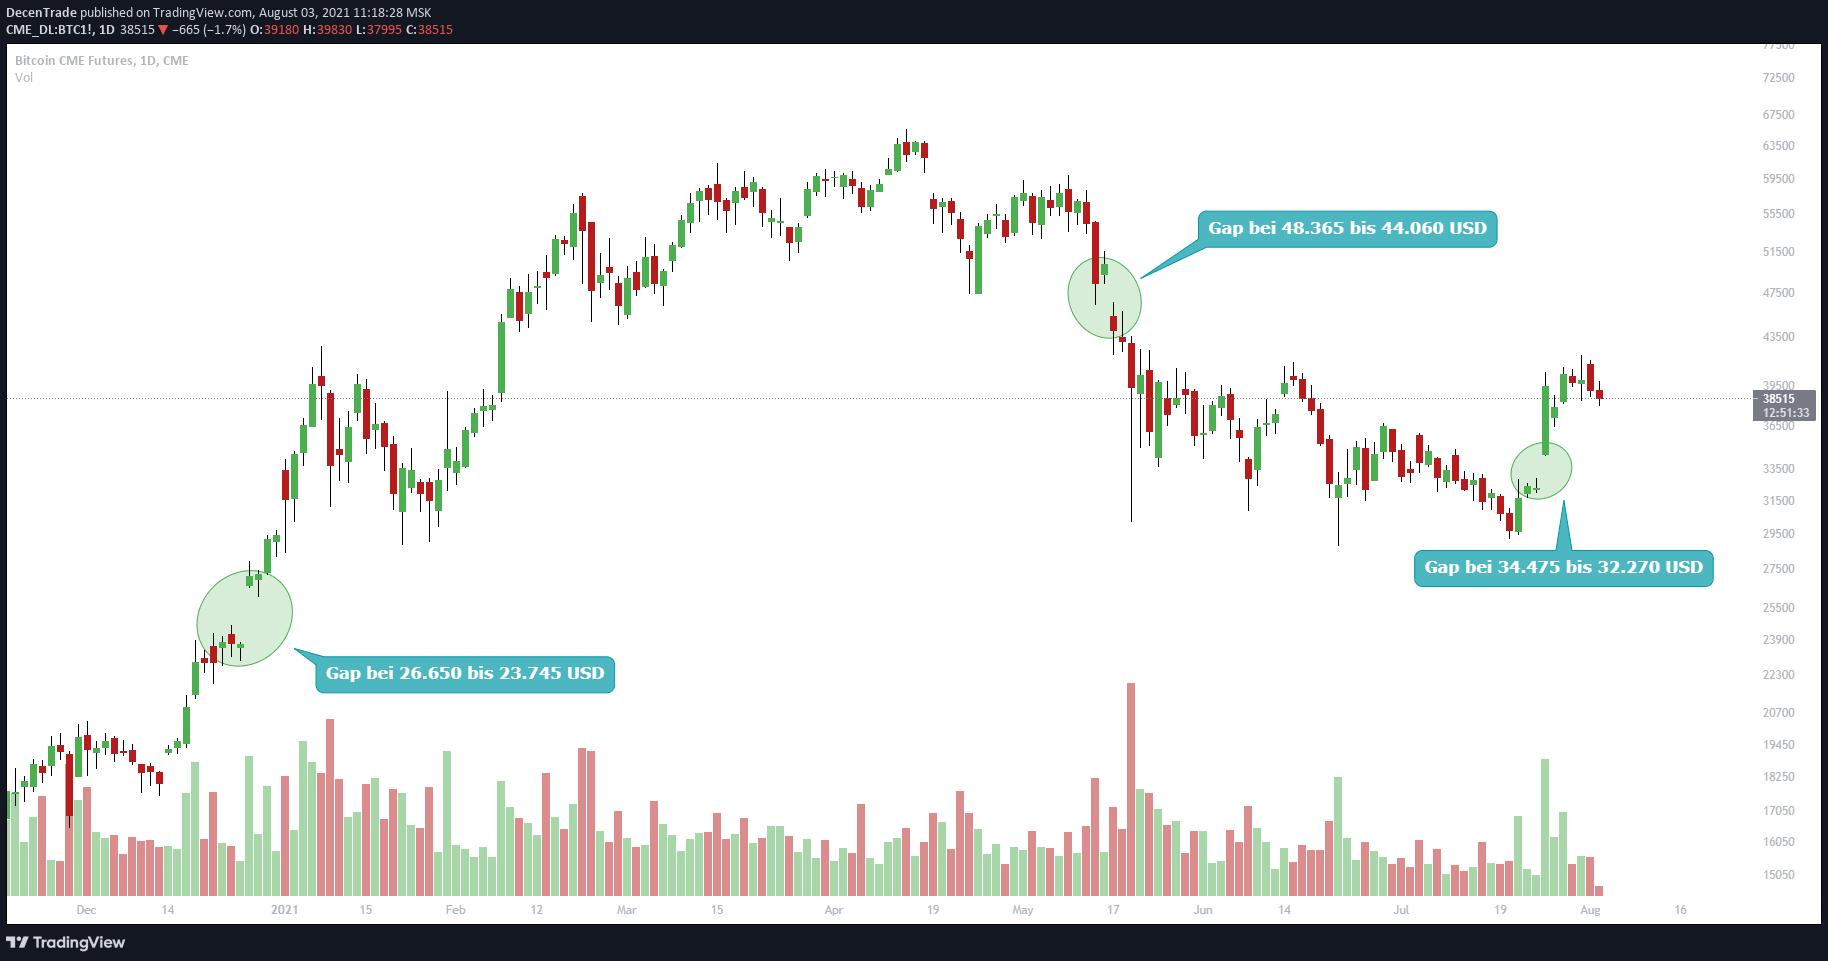 Bitcoin im Chart der Chicago Mercentile Exchange (CME)